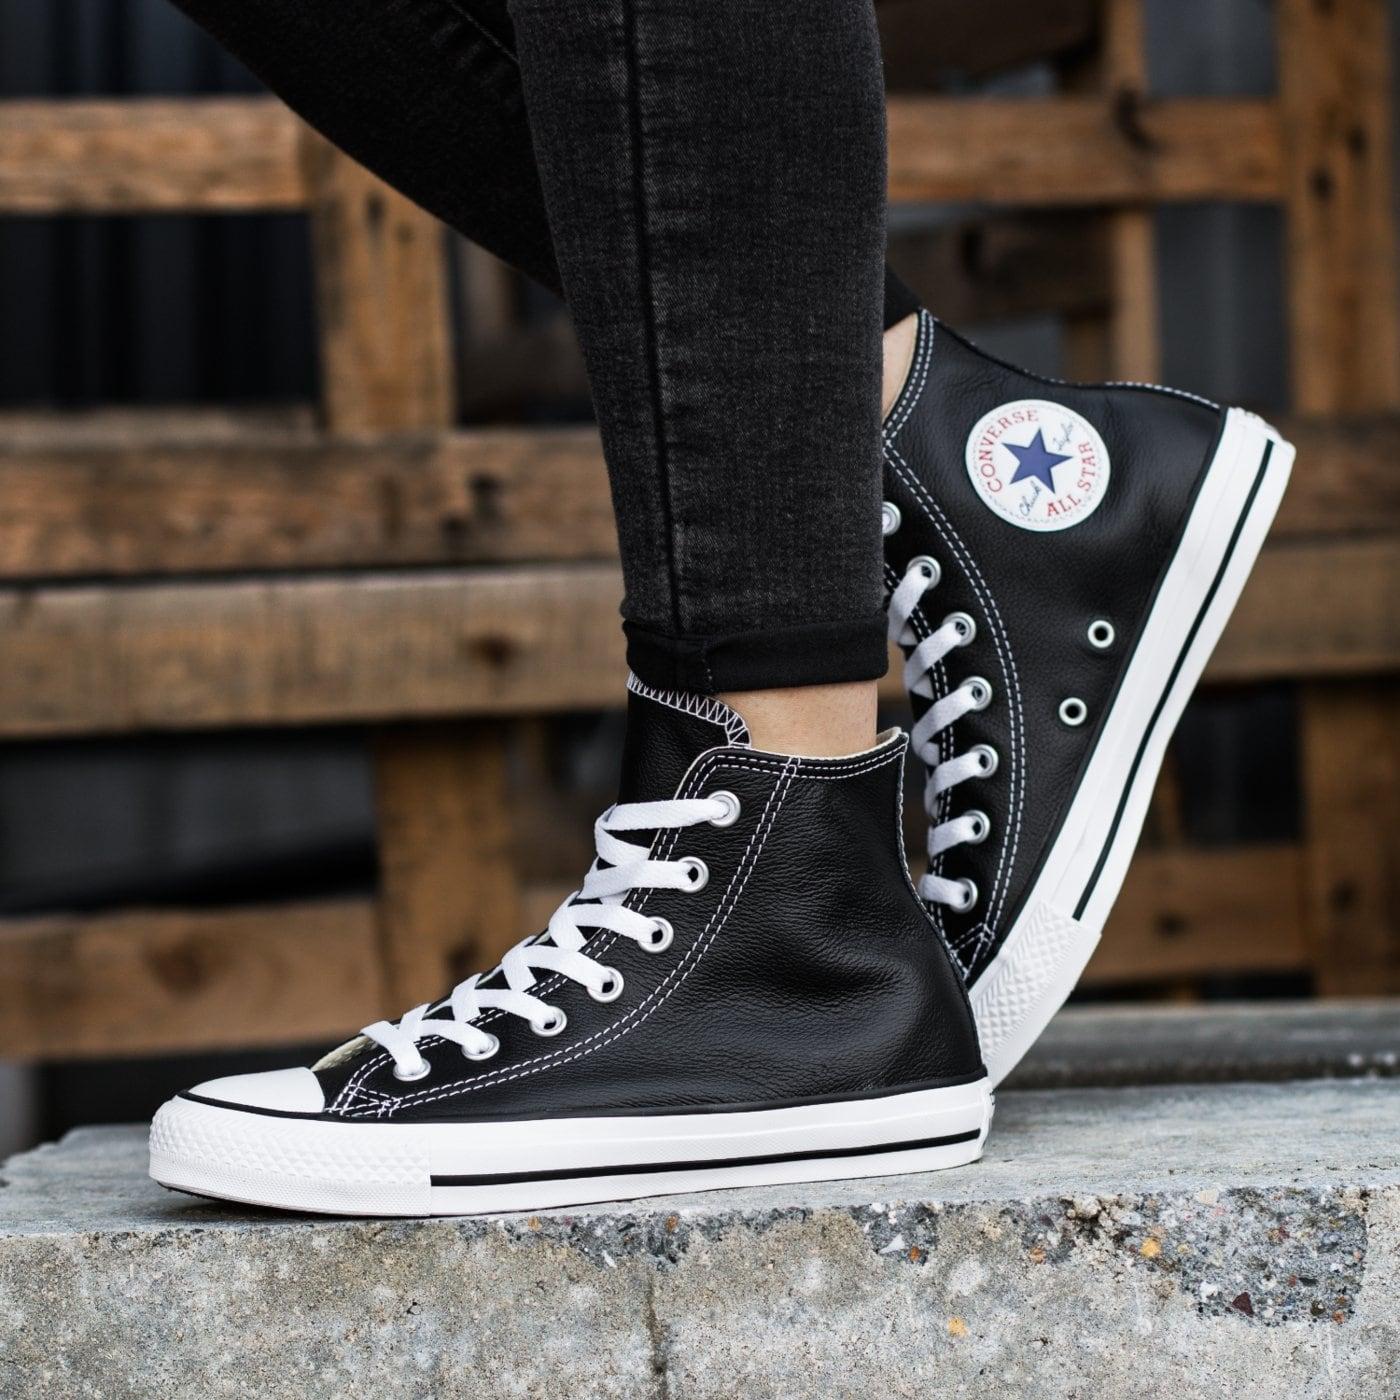 Кожаные кроссовки Converse? Почему бы и нет!